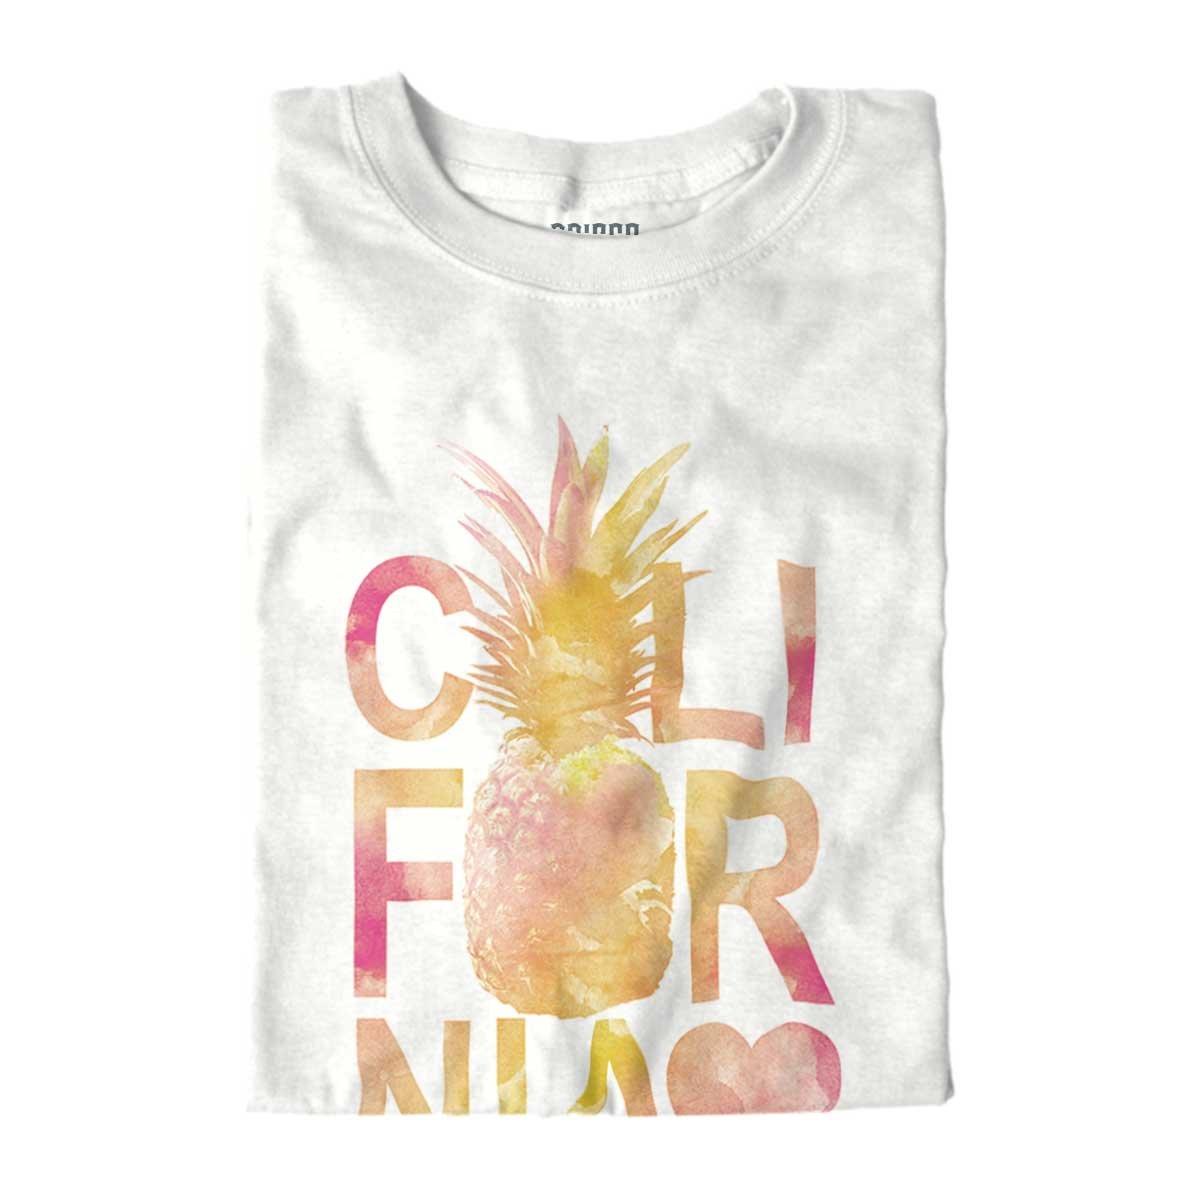 brisco marcas California amor corazón piña Costa Oeste Cali Estados Unidos Fashion juventud camiseta - Blanco -: Amazon.es: Ropa y accesorios